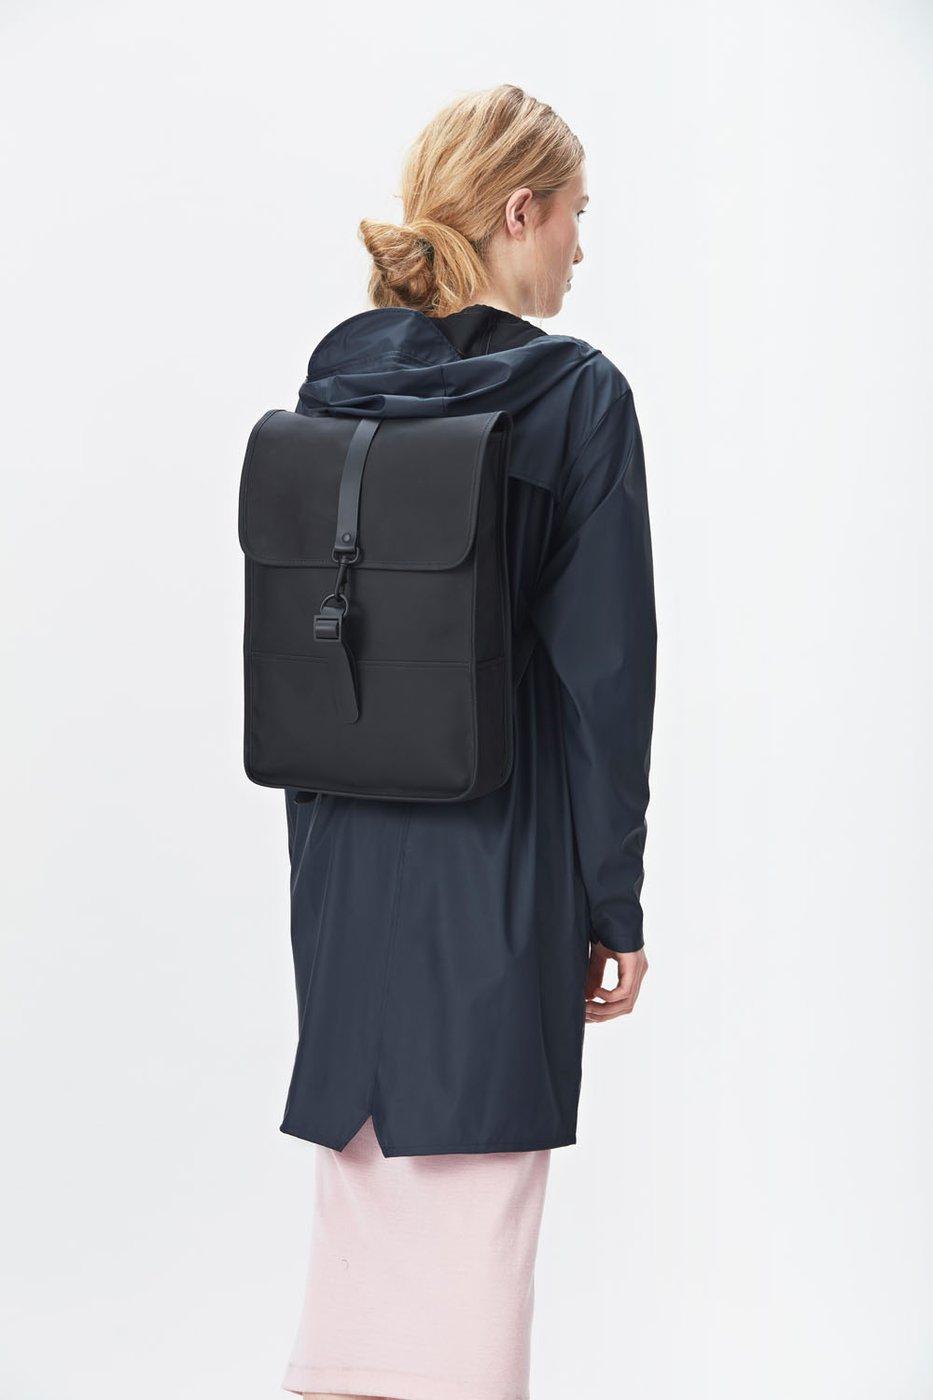 Rains Rucksack Backpack mini black